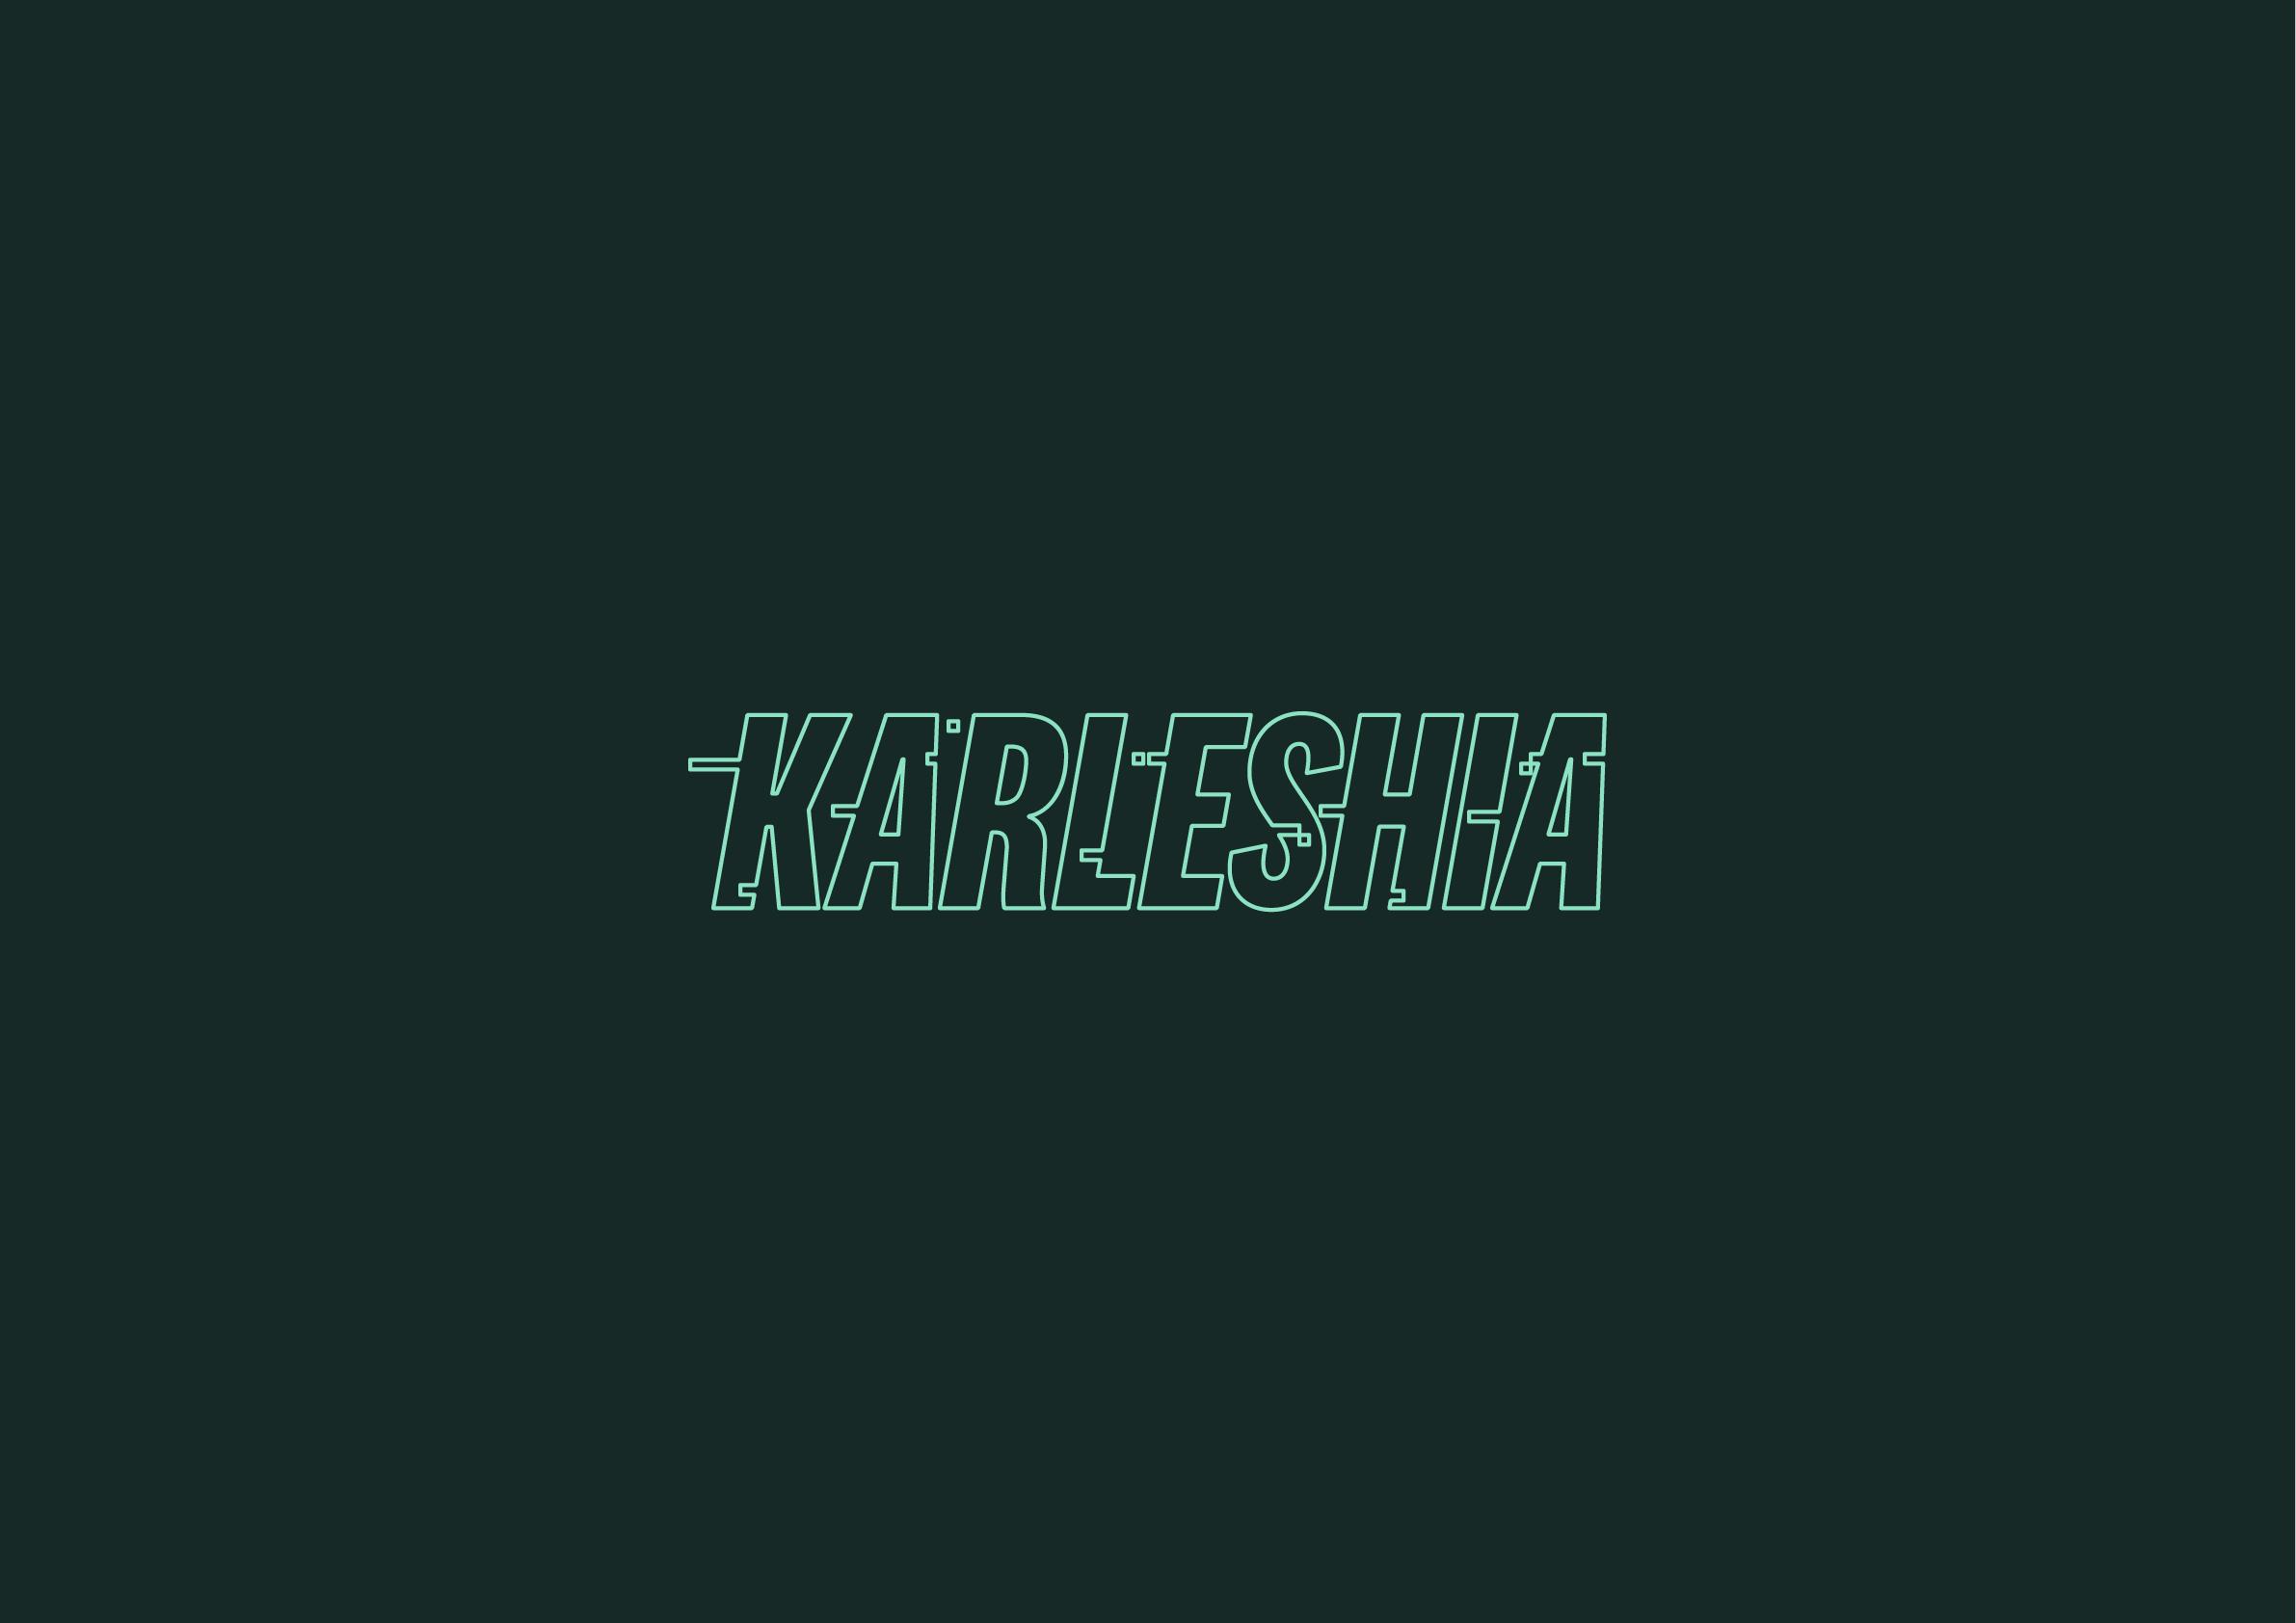 karleshia-4.jpg